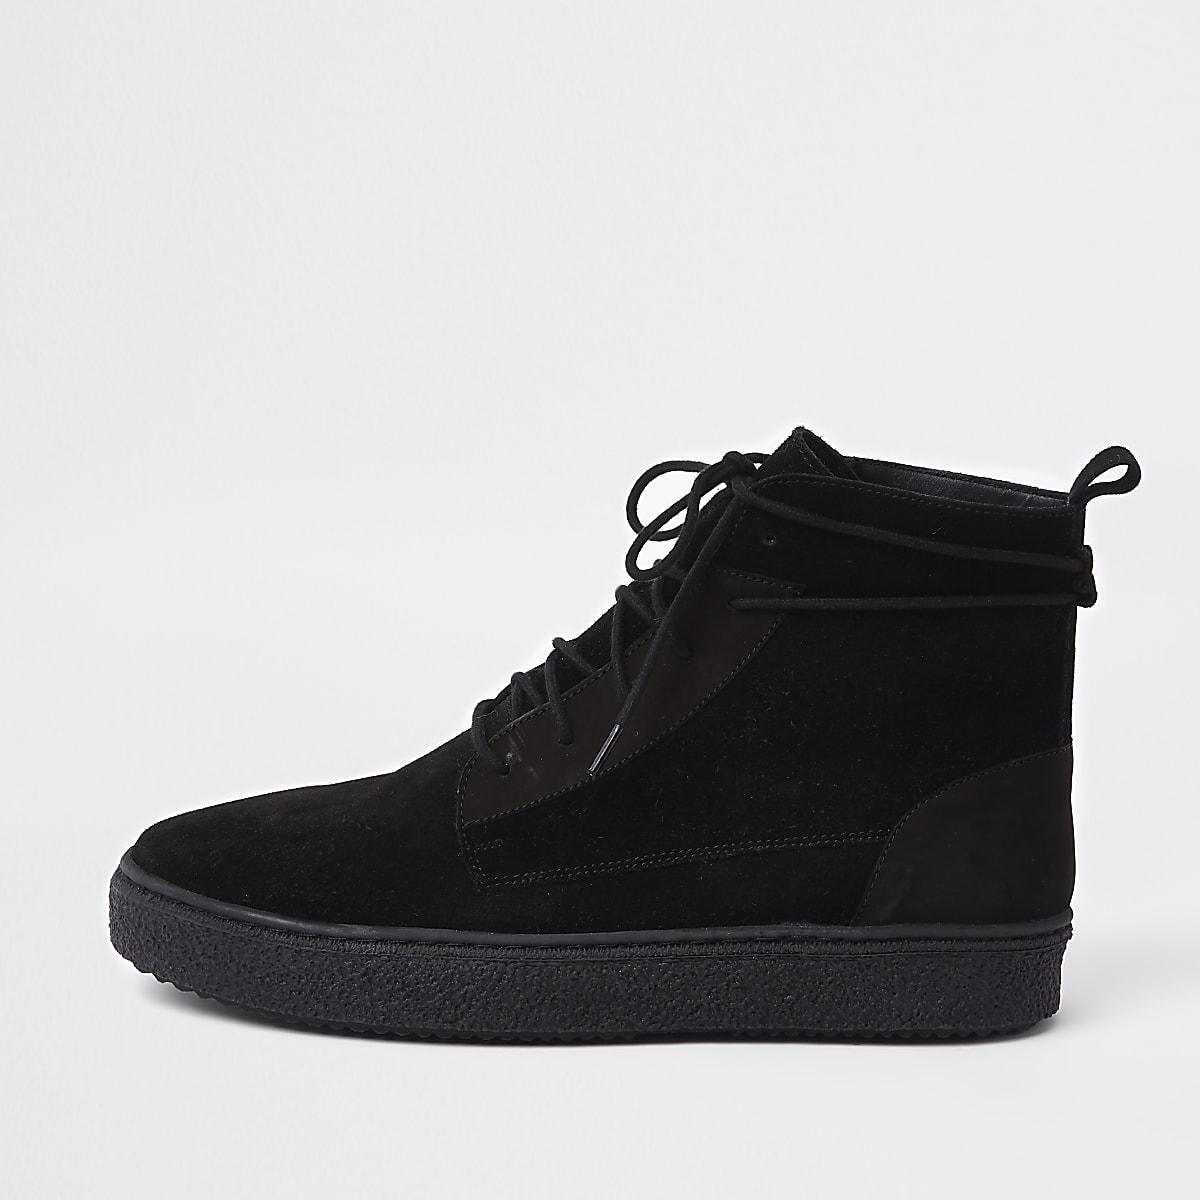 Black suede wrap around desert boots